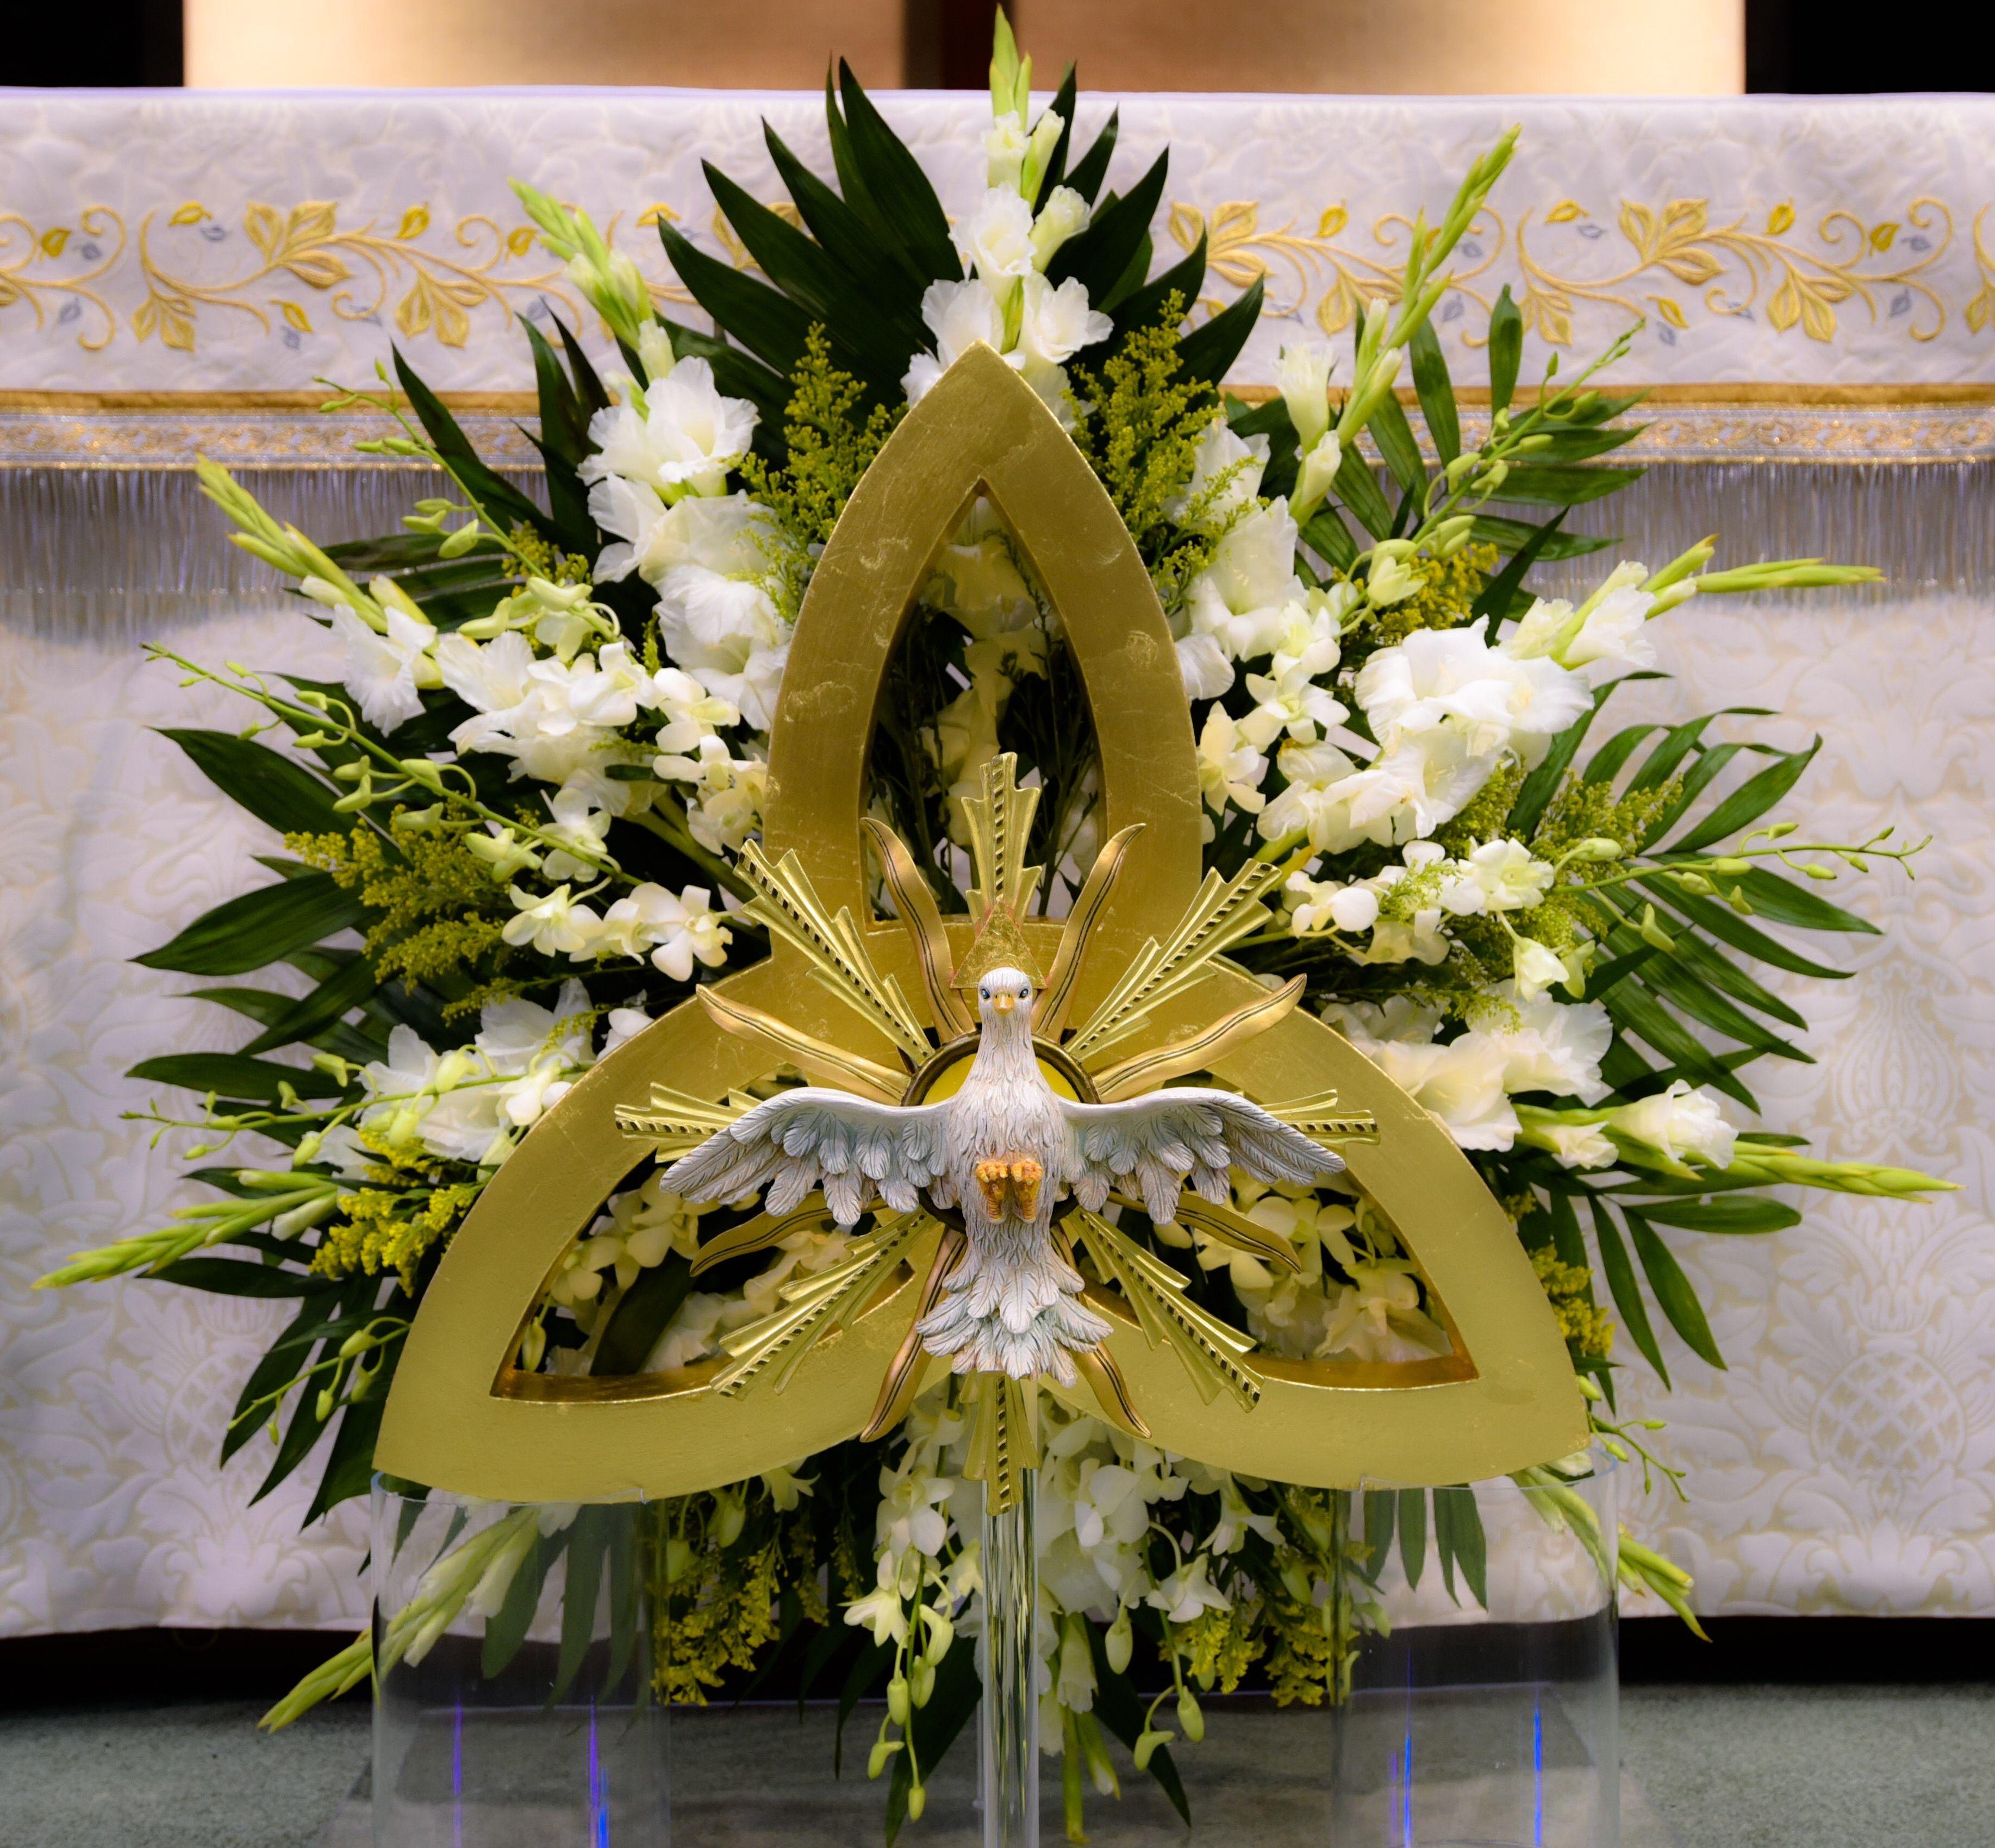 Catholic Wedding Altar Decorations: Feast Of The Holy Trinity. Epiphany Of The Lord Catholic